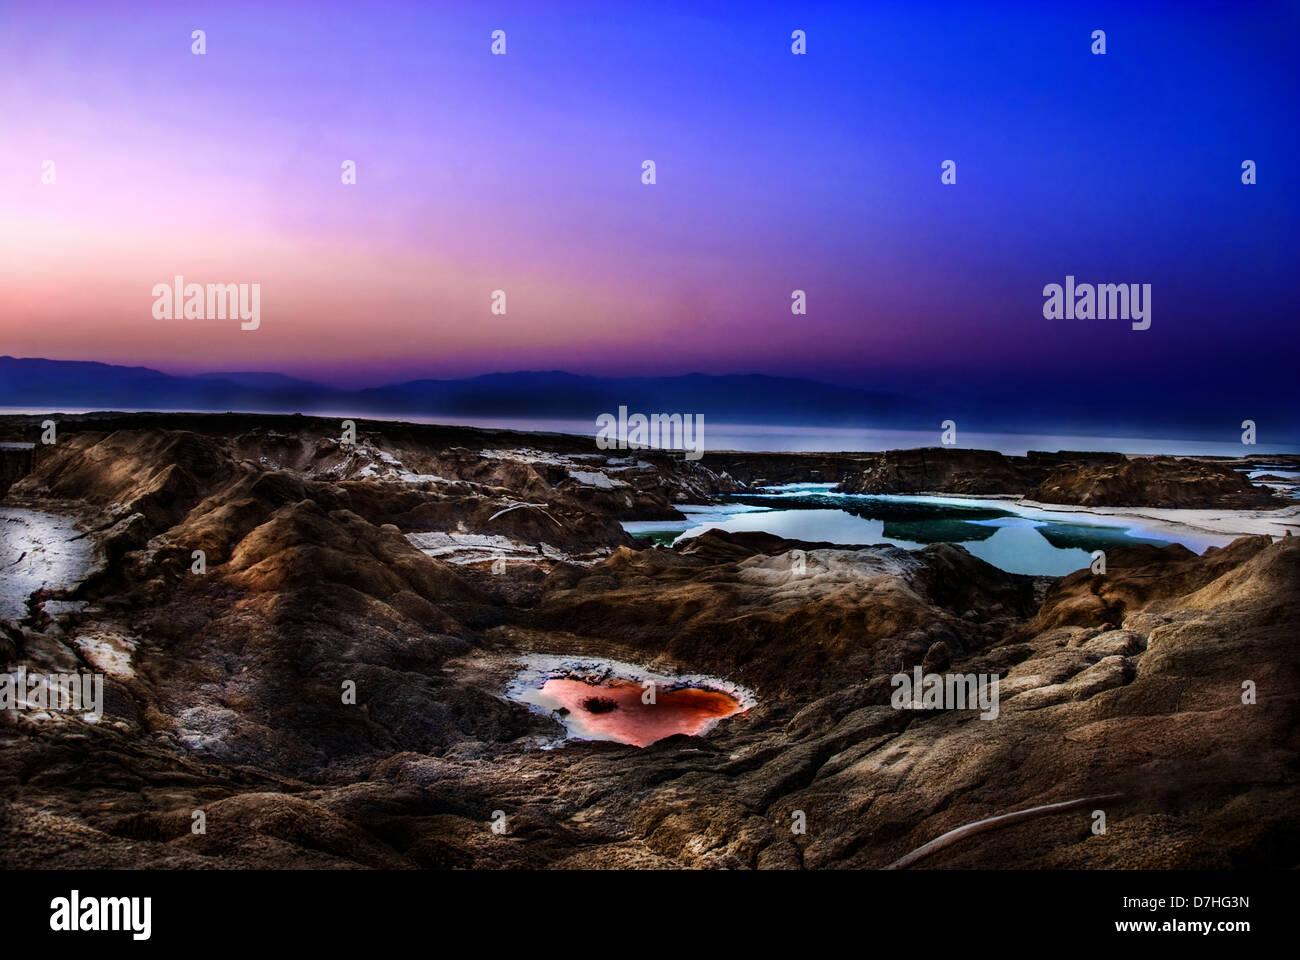 Manipulées numériquement image de l'eau des piscines en évier trous sur la rive de la Mer Morte, Photo Stock